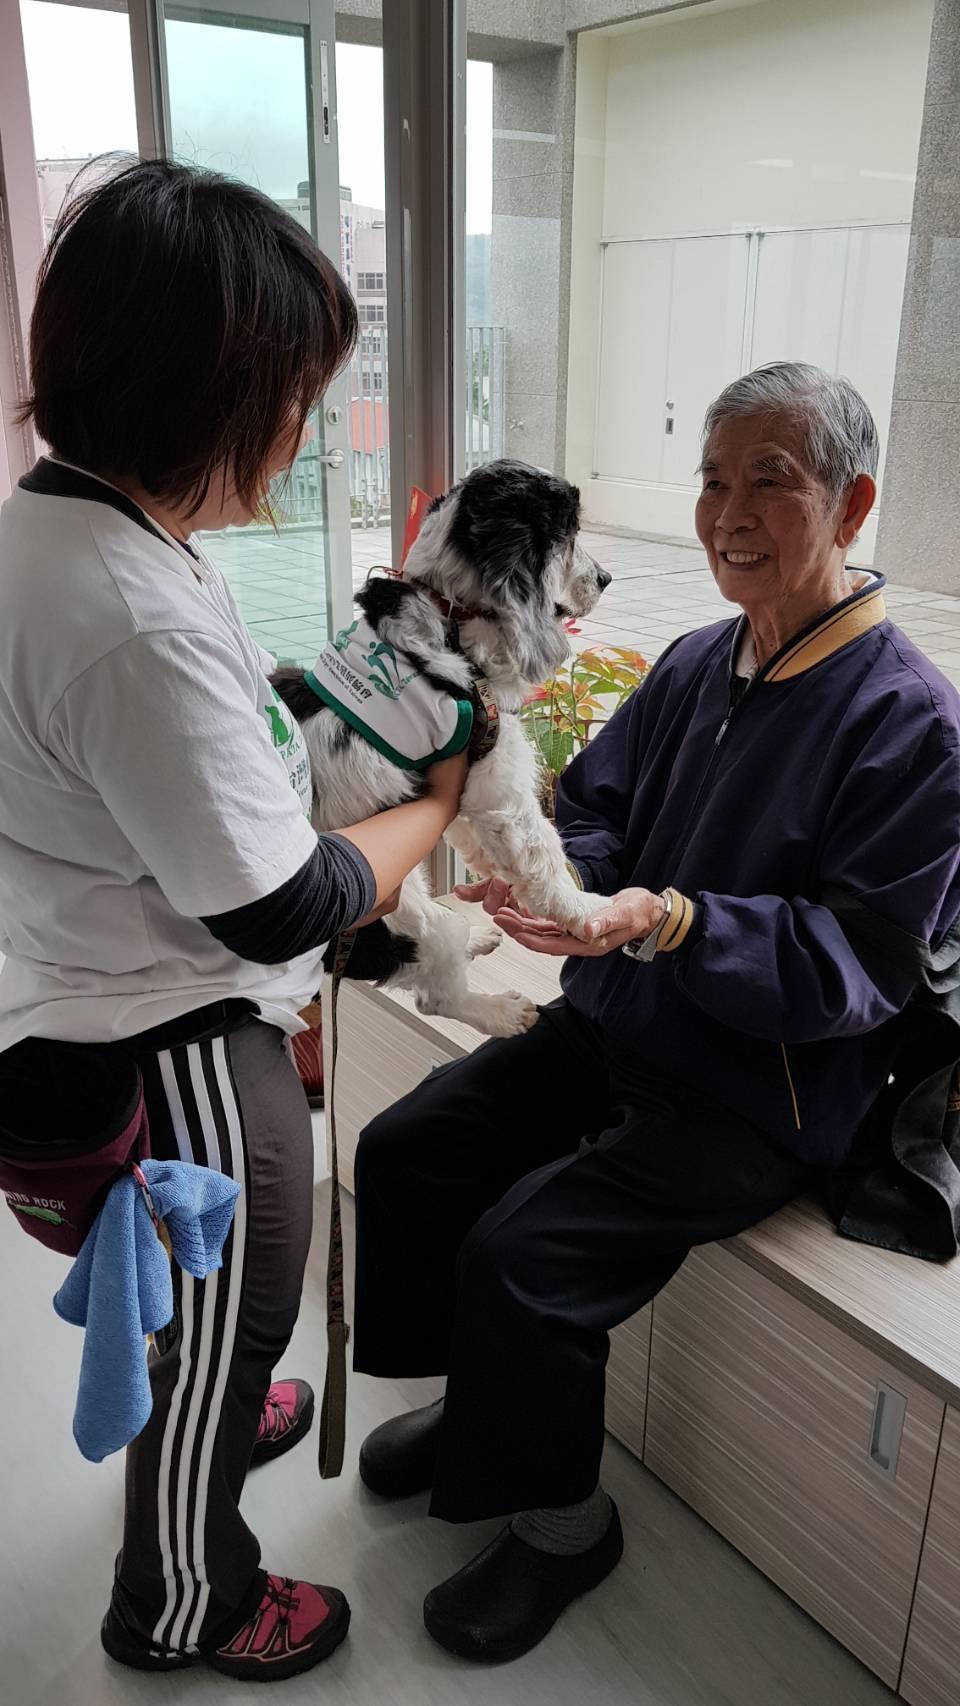 南投縣埔里基督教醫院是協助當地長照的主要院所,今年將開辦「狗醫師伴老」志工訓練。...